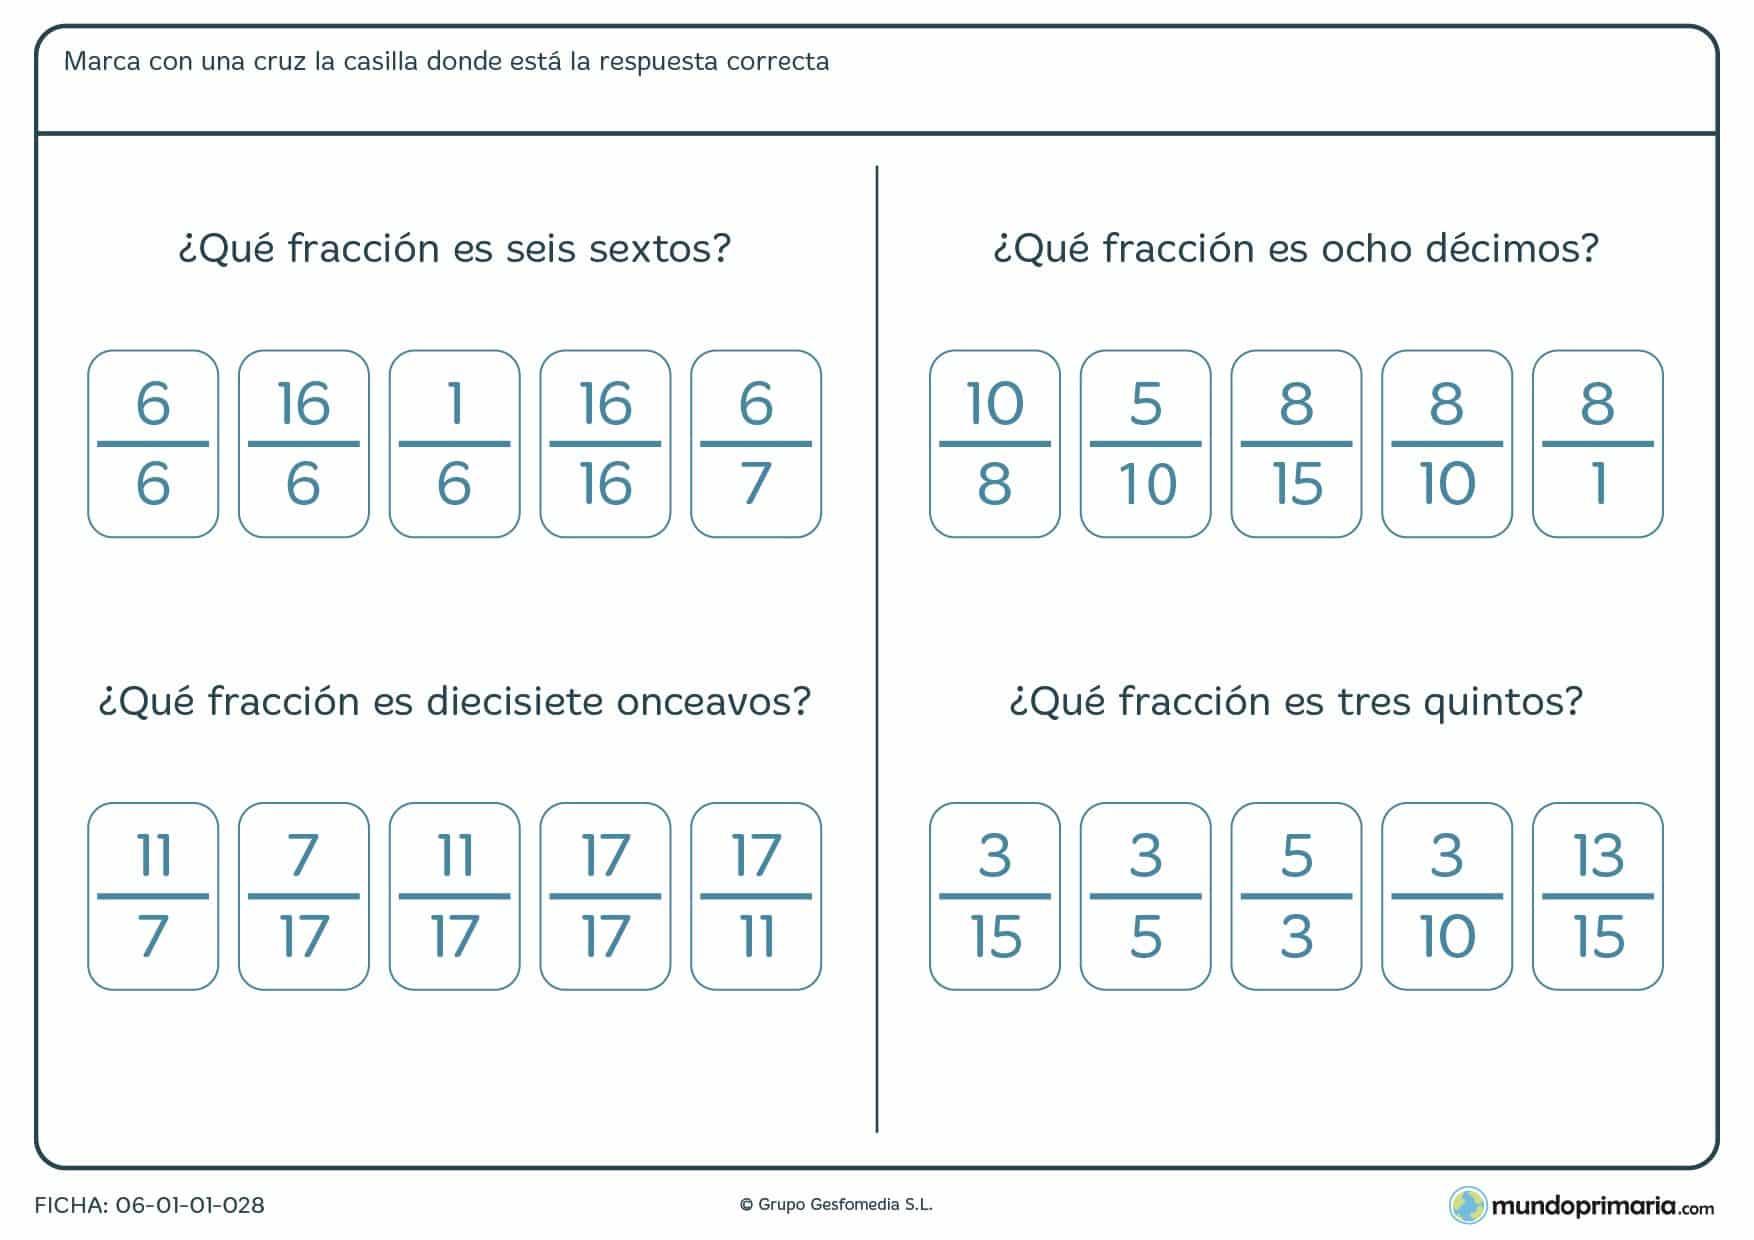 Ficha de correspondecia de fracciones numérica con su nombre. Hay señalar la correcta.